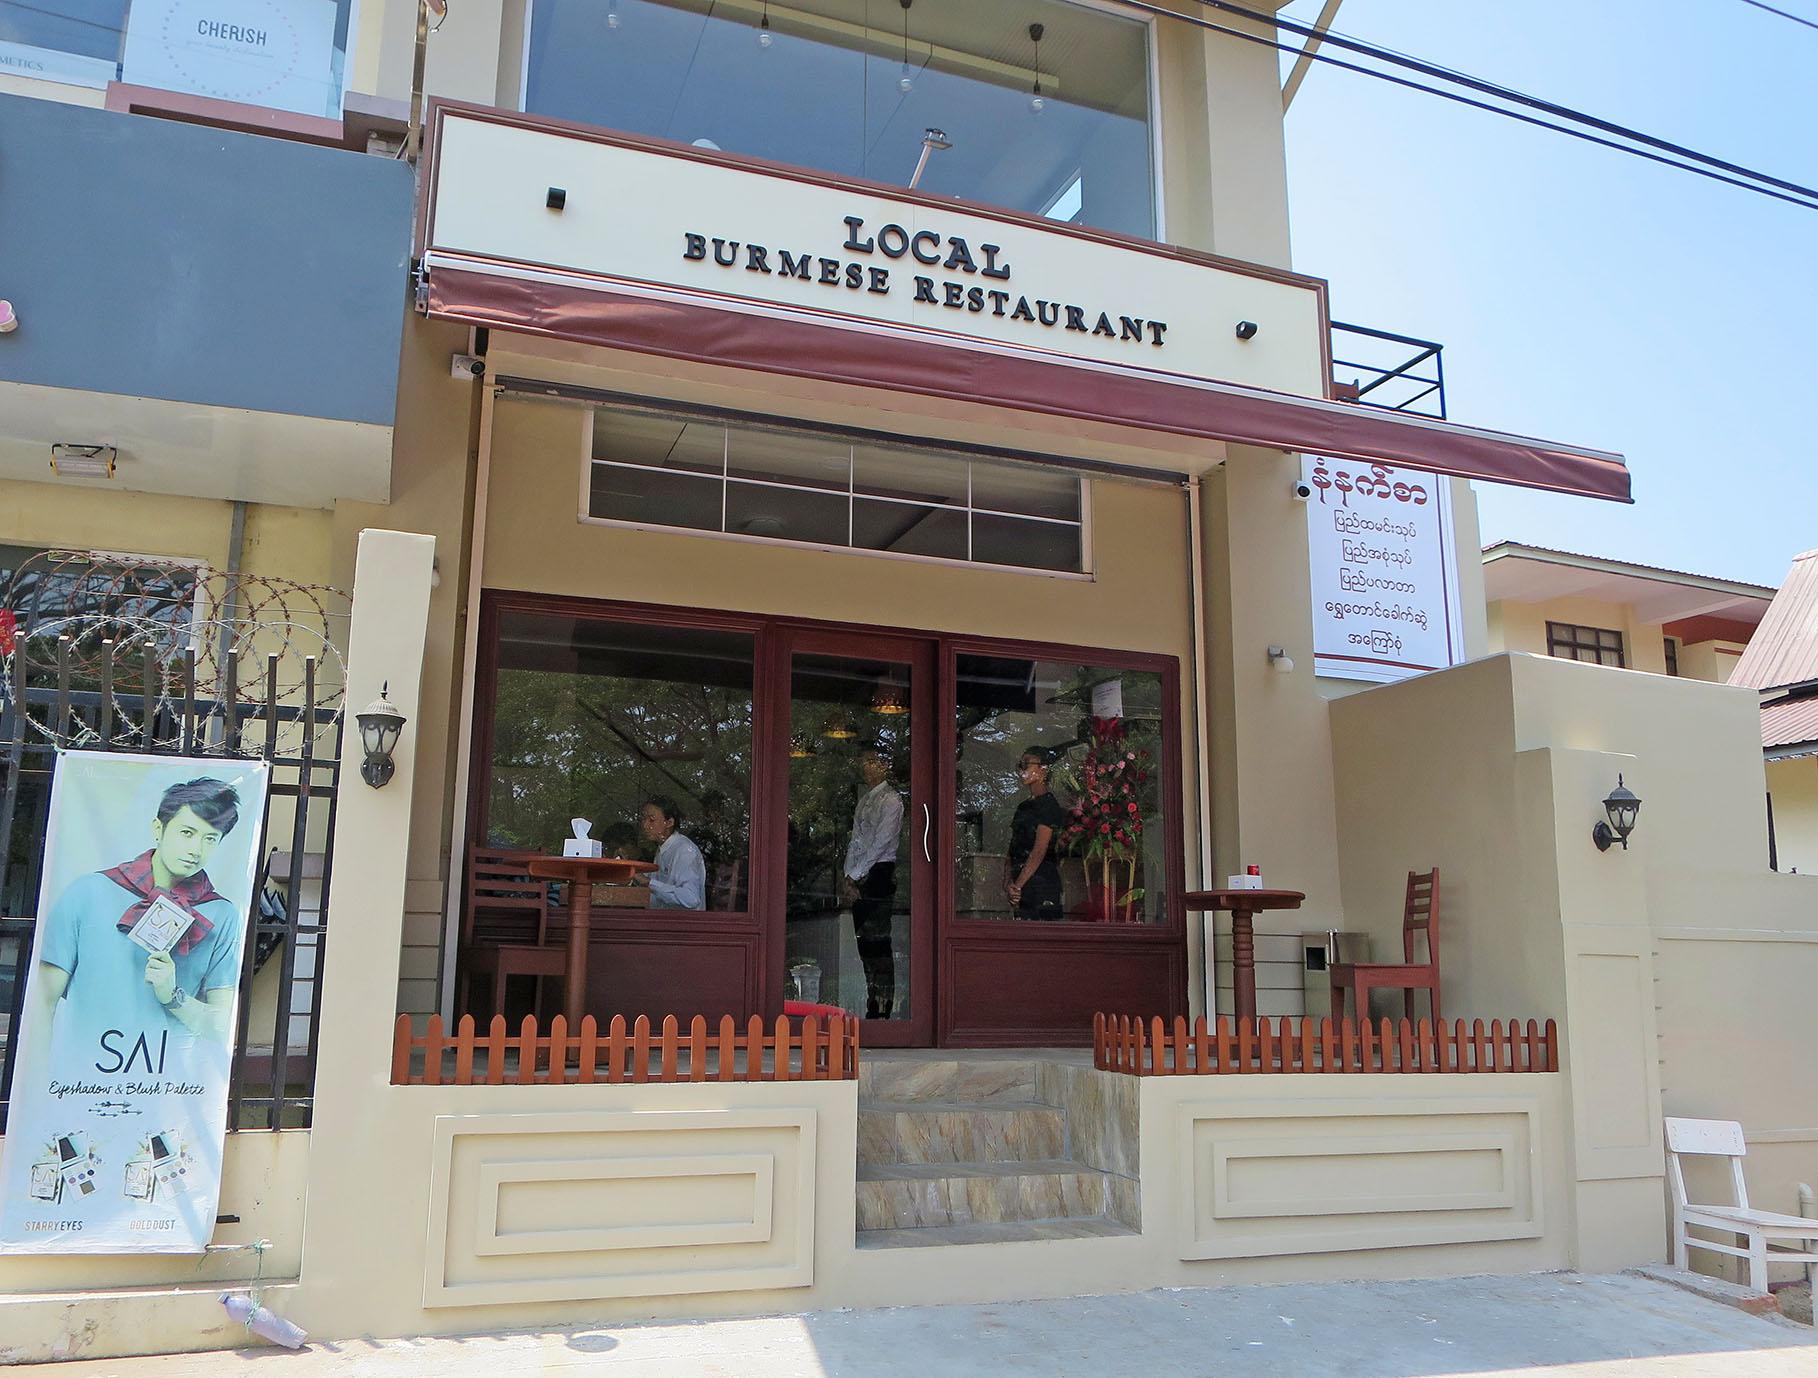 Local Burmese Restaurant 住所:77E Shin Saw Pu Rd., Sanchaung Tsp., Yangon 電話:09-2512-94027 営業時間:7:00~17:30